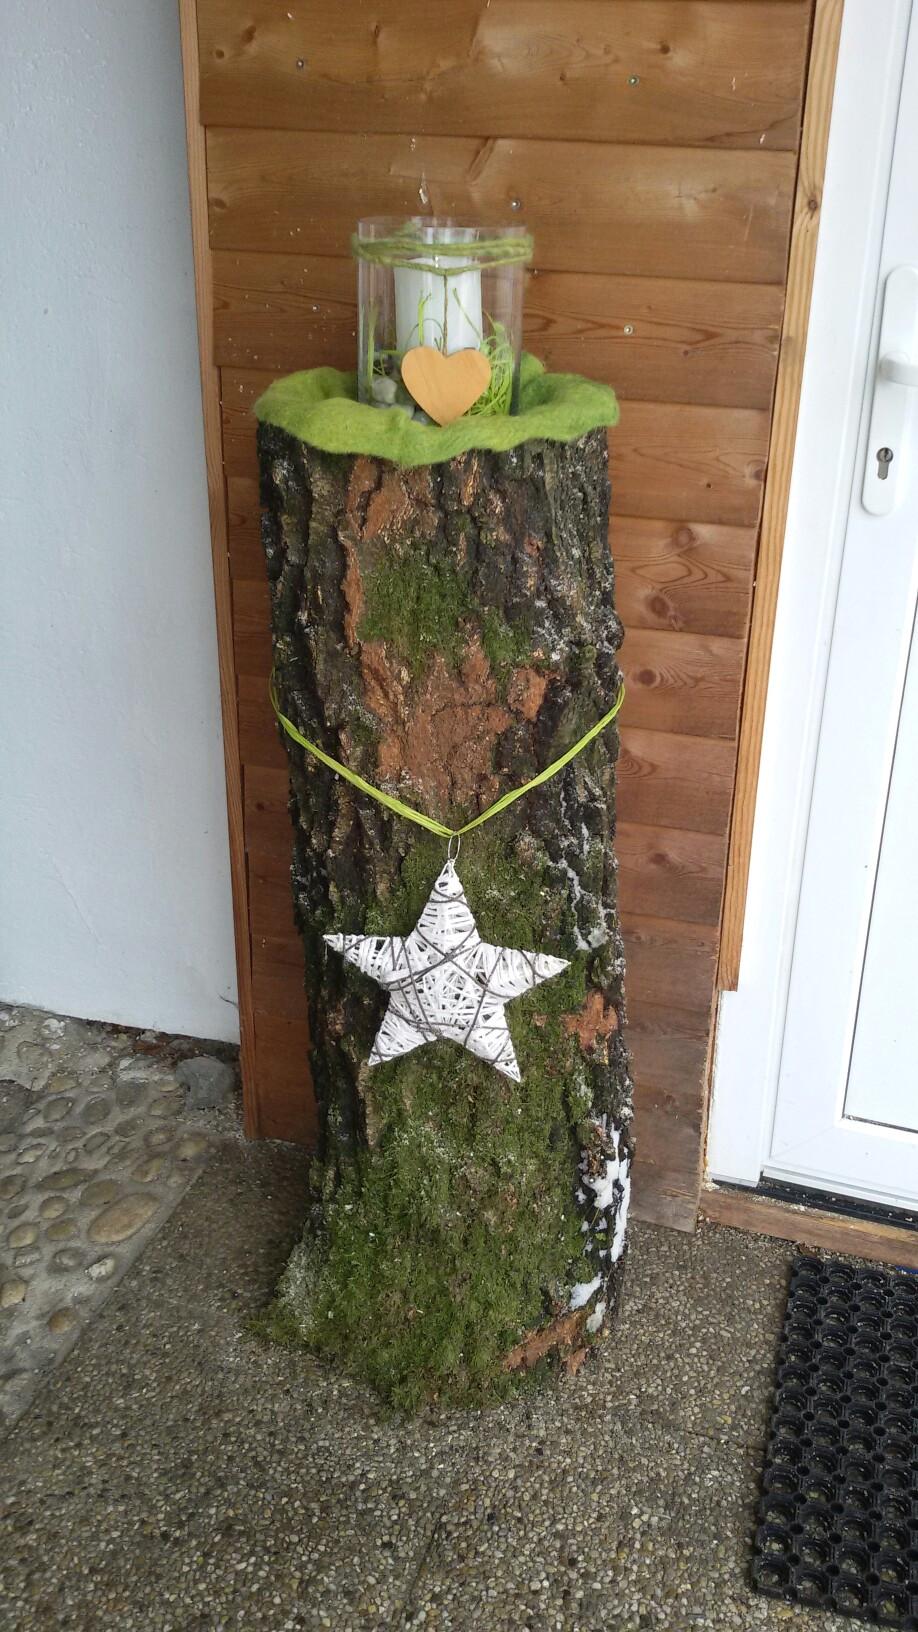 baumstamm birke dekoration im eingangsbereich weihnachten avec birkenholz deko weihnachten et 0 birkenholz deko weihnachten sur la cat gorie home deko ideen